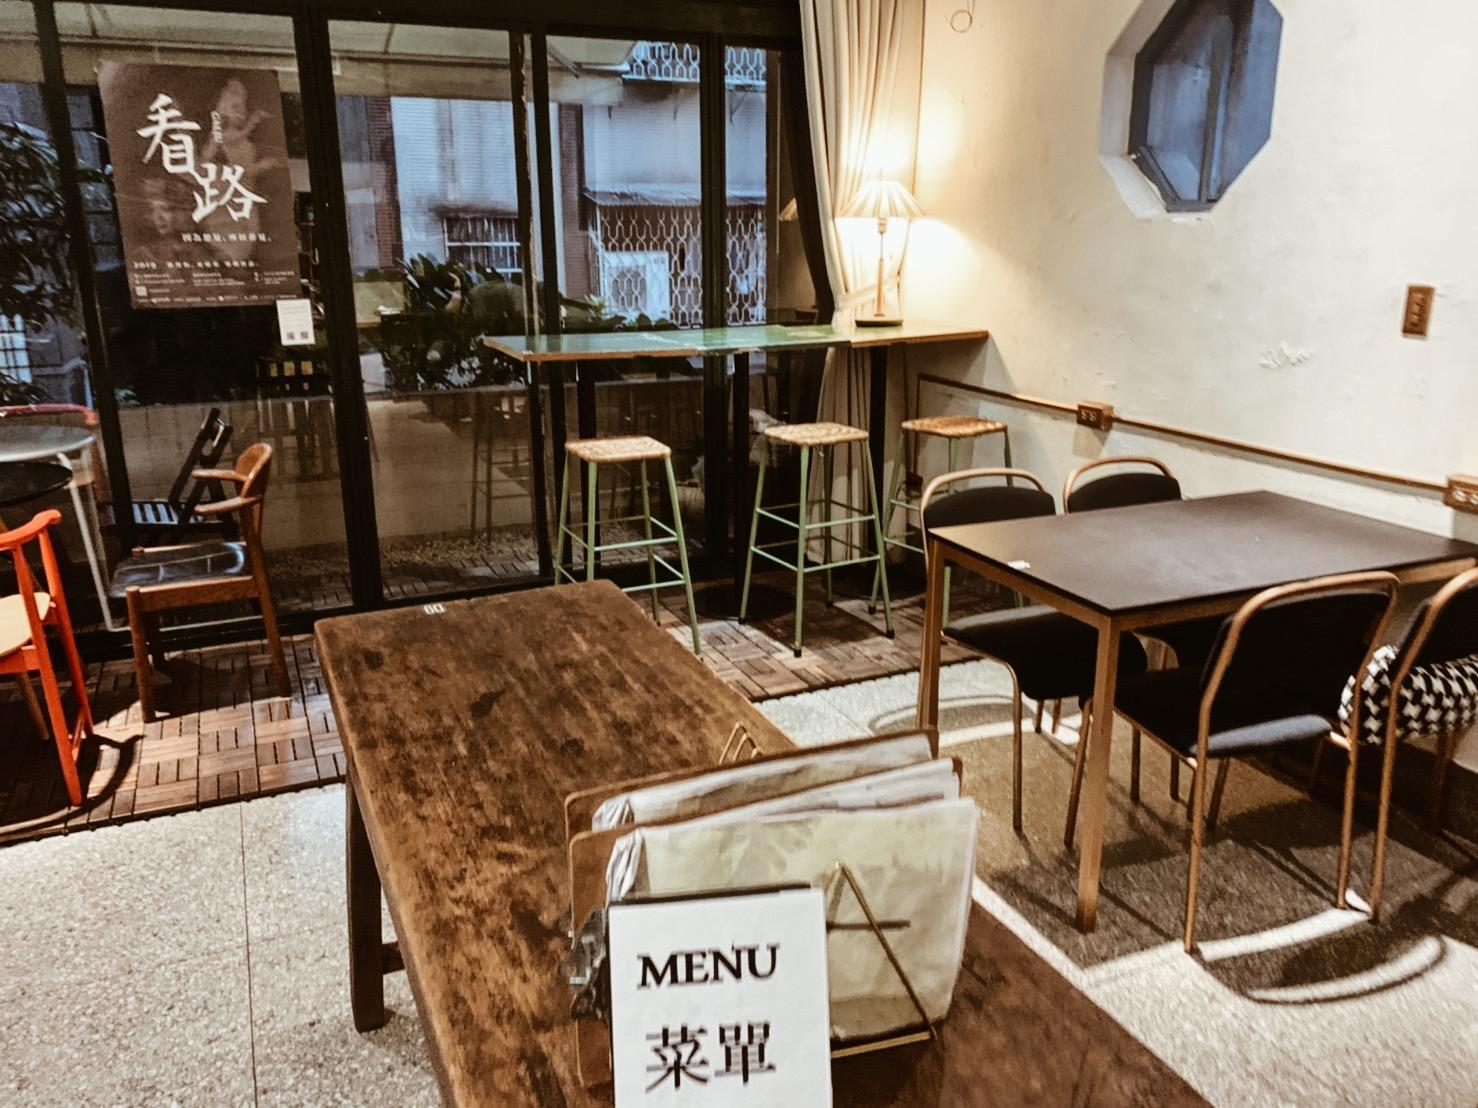 《台北のカフェ》いま一番ホットなエリア「MRT東門駅」特集! 読書の秋におすすめのカフェ2選【 #TOKYOPANDA のおすすめ台湾情報 】_4